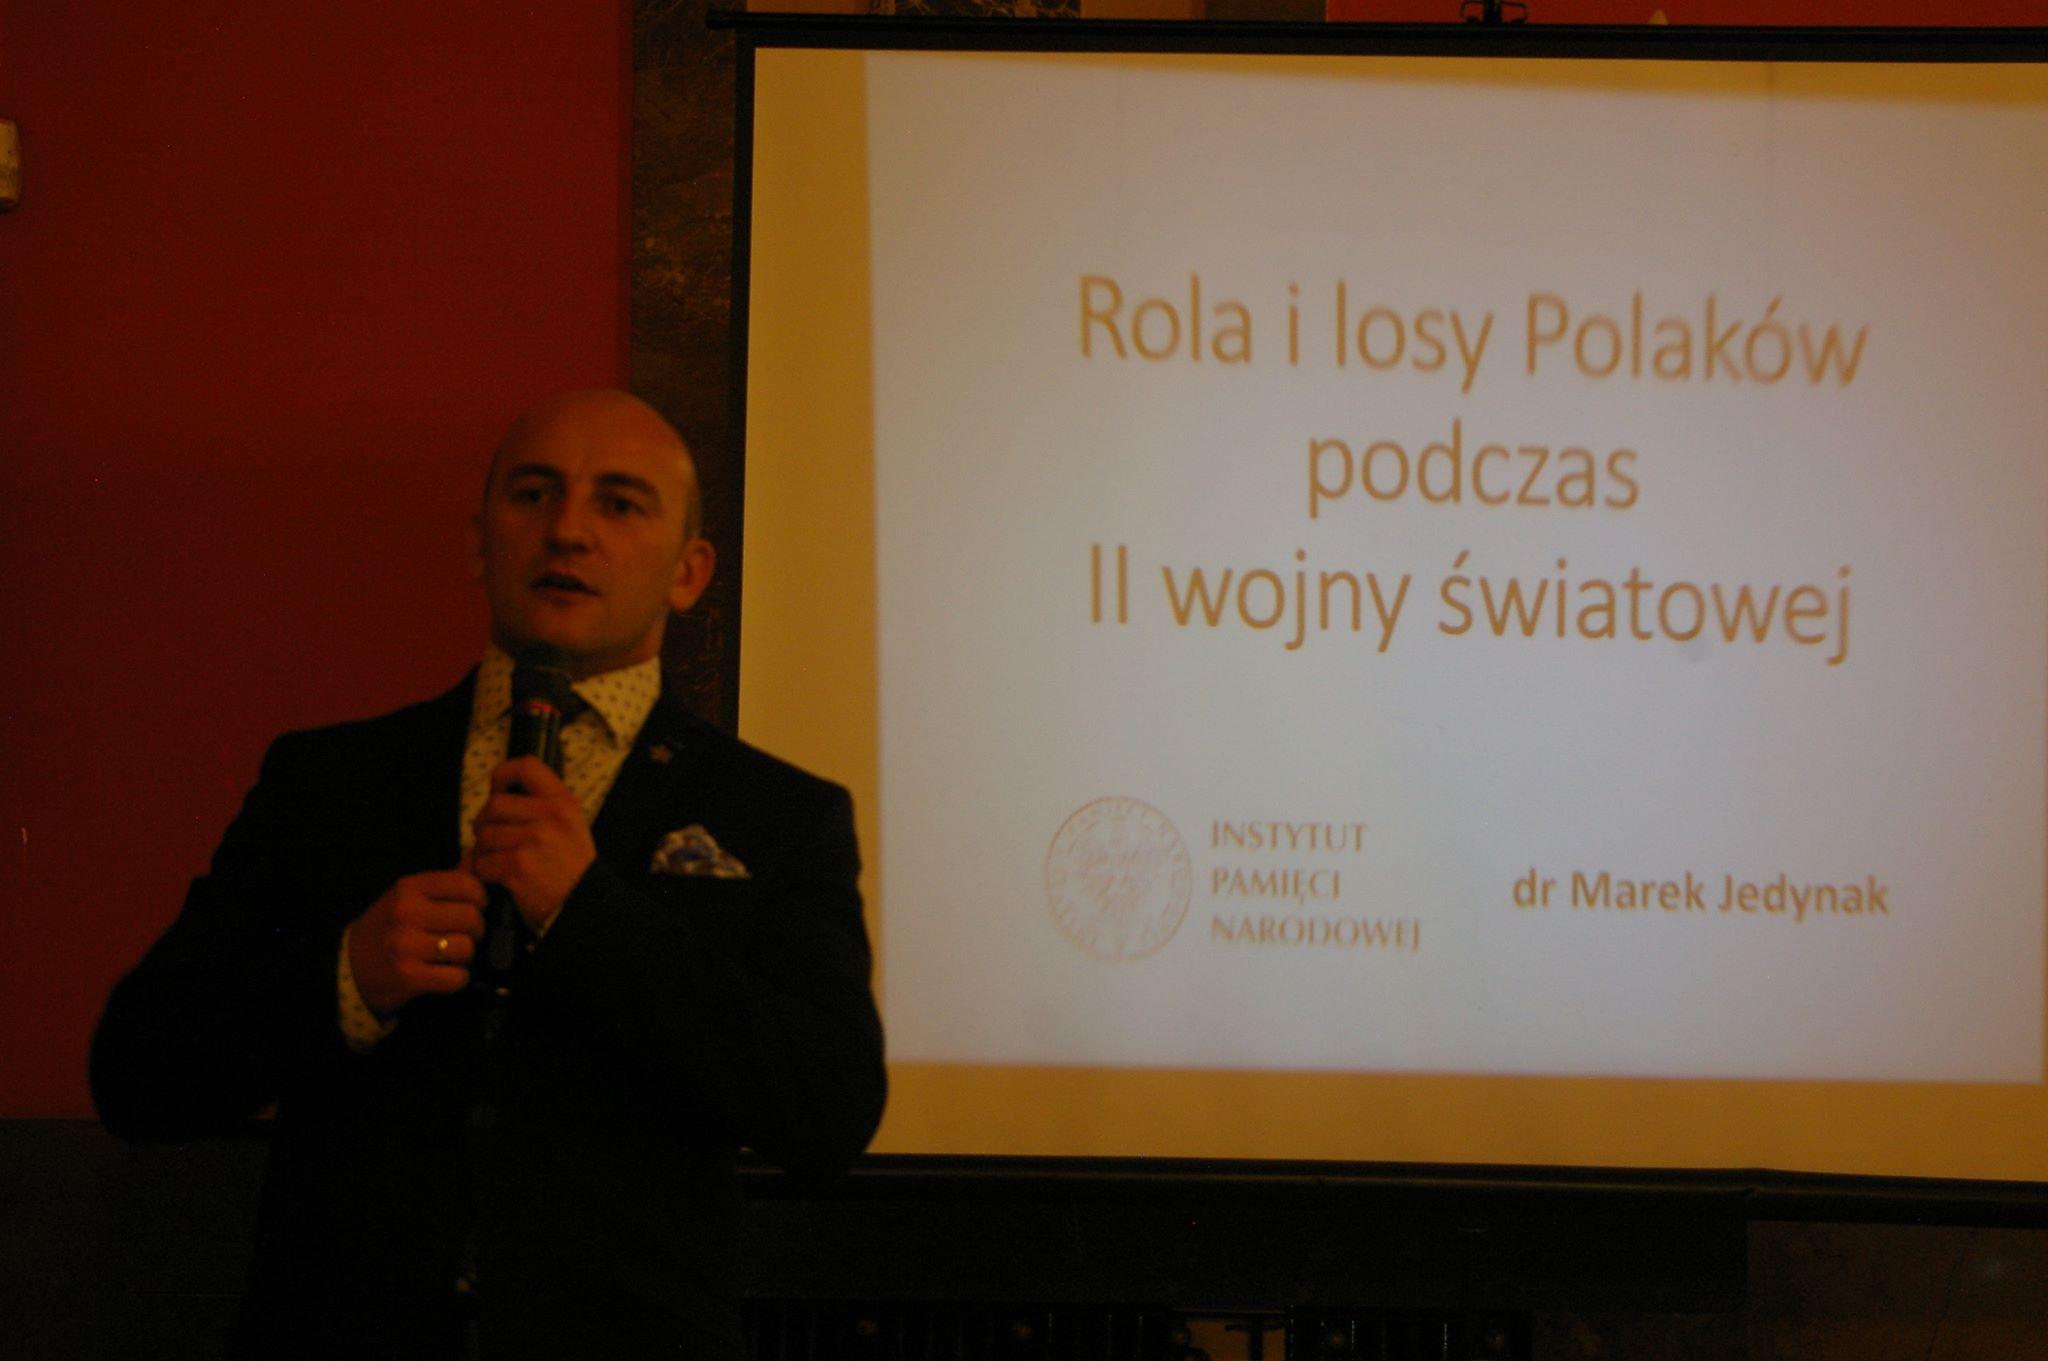 Rola Polaków w II wojnie światowej